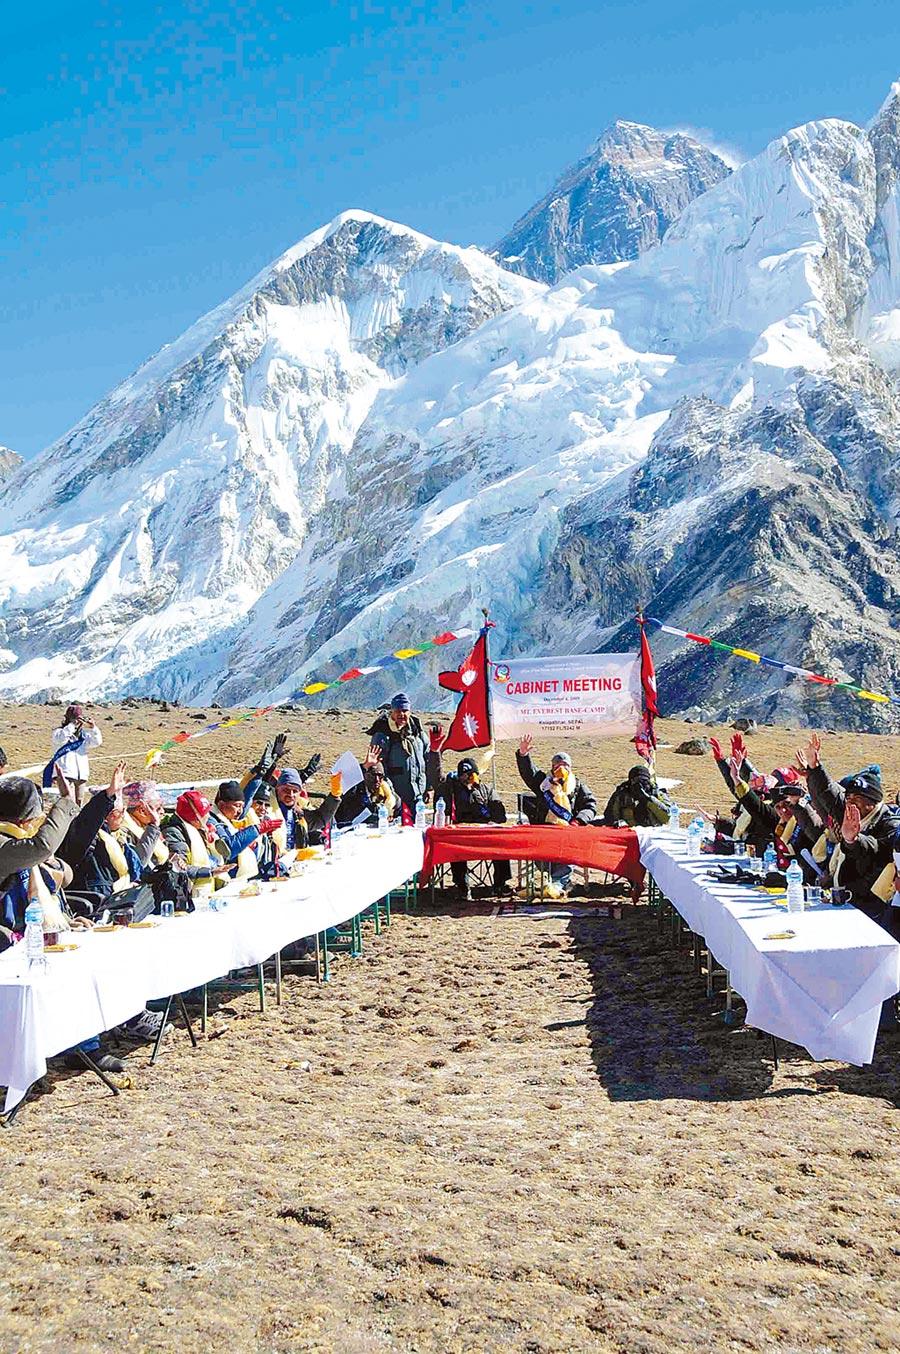 2009年12月4日,尼泊爾政府官員在其境內聖母峰召開「世界最高」內閣會議。(新華社)